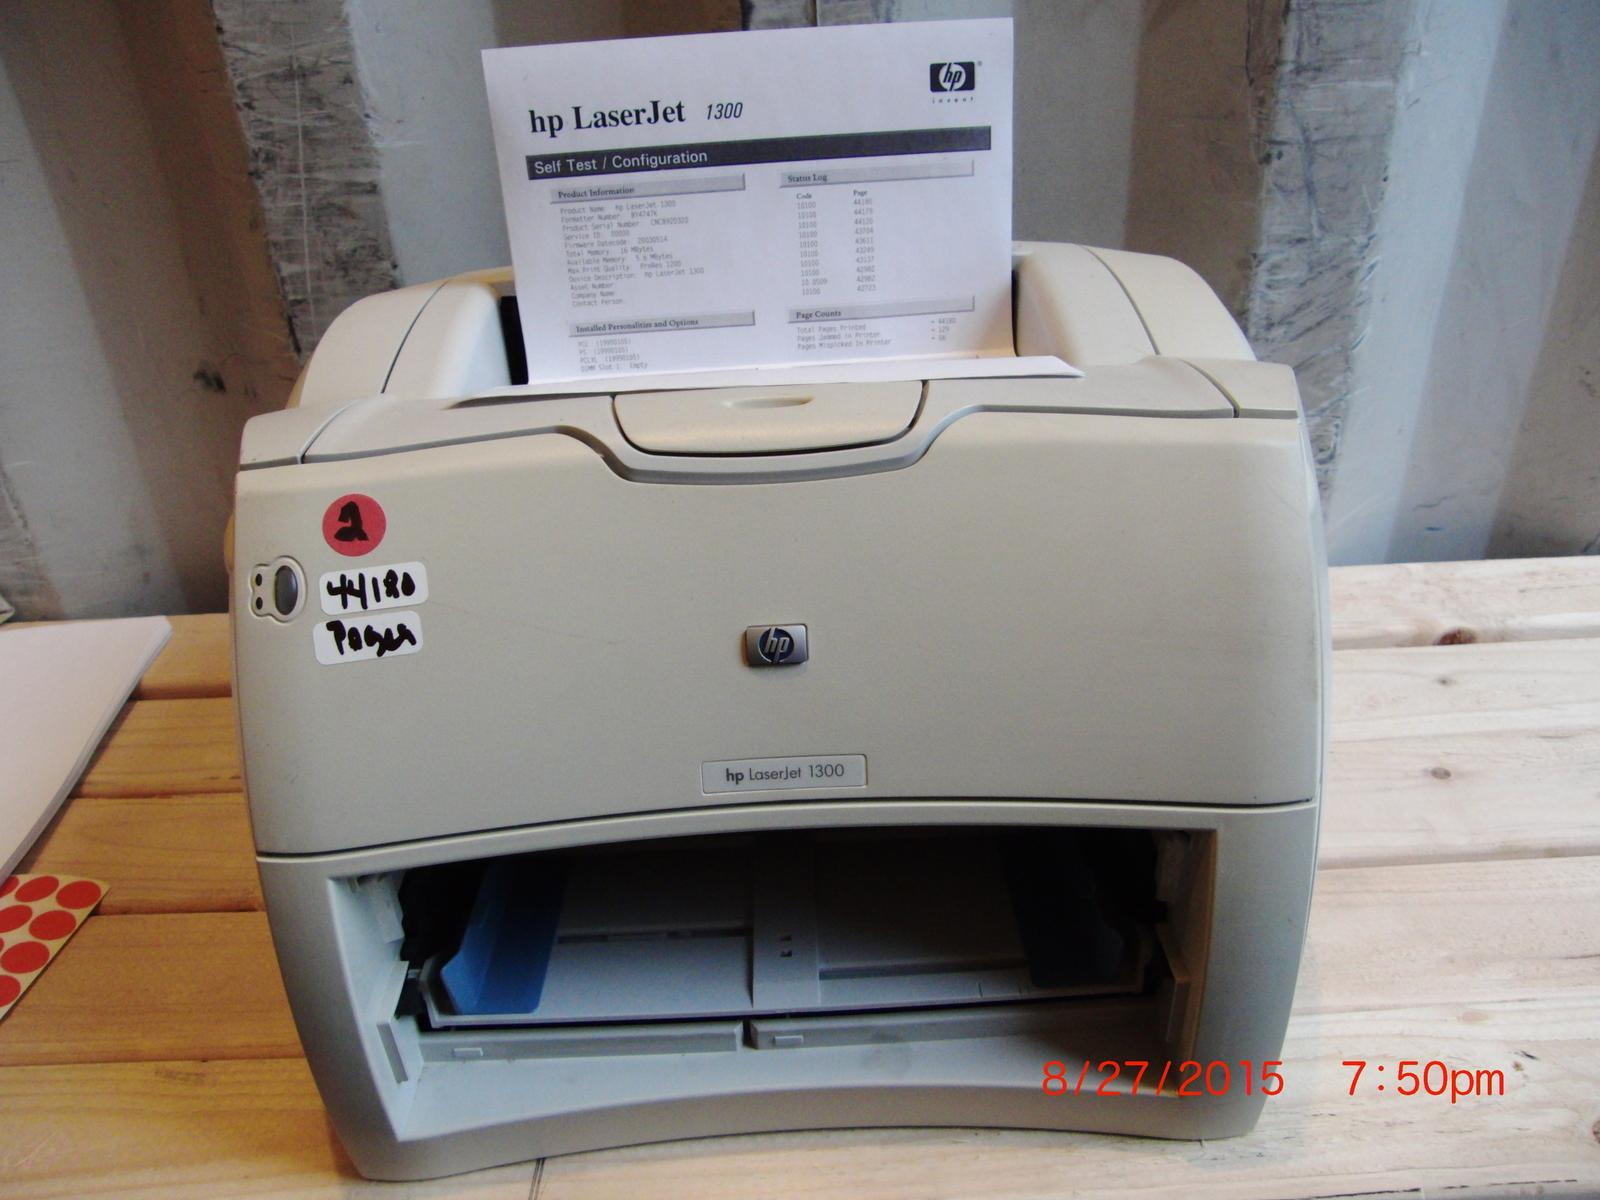 hp laserjet 1300 workgroup printer printers. Black Bedroom Furniture Sets. Home Design Ideas